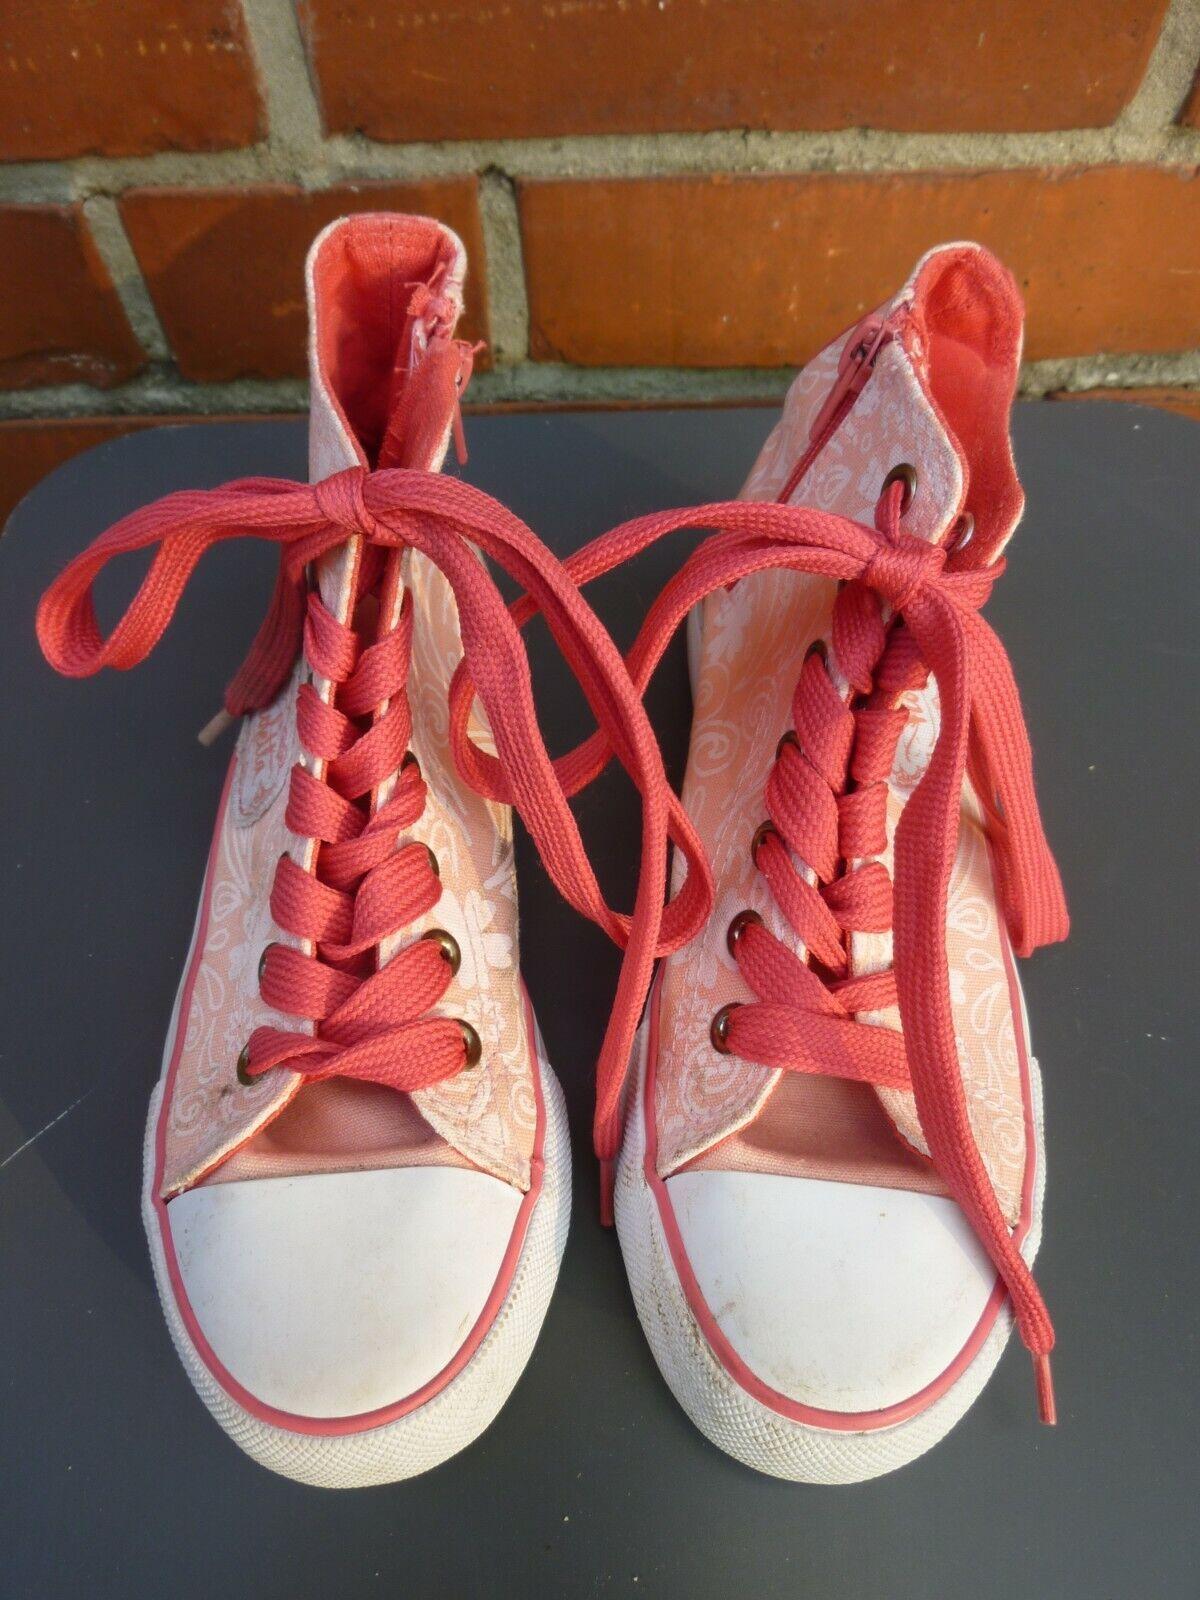 Schuhe Sneakers von Disney Violetta rosa Größe/Size 31 Reißverschluss